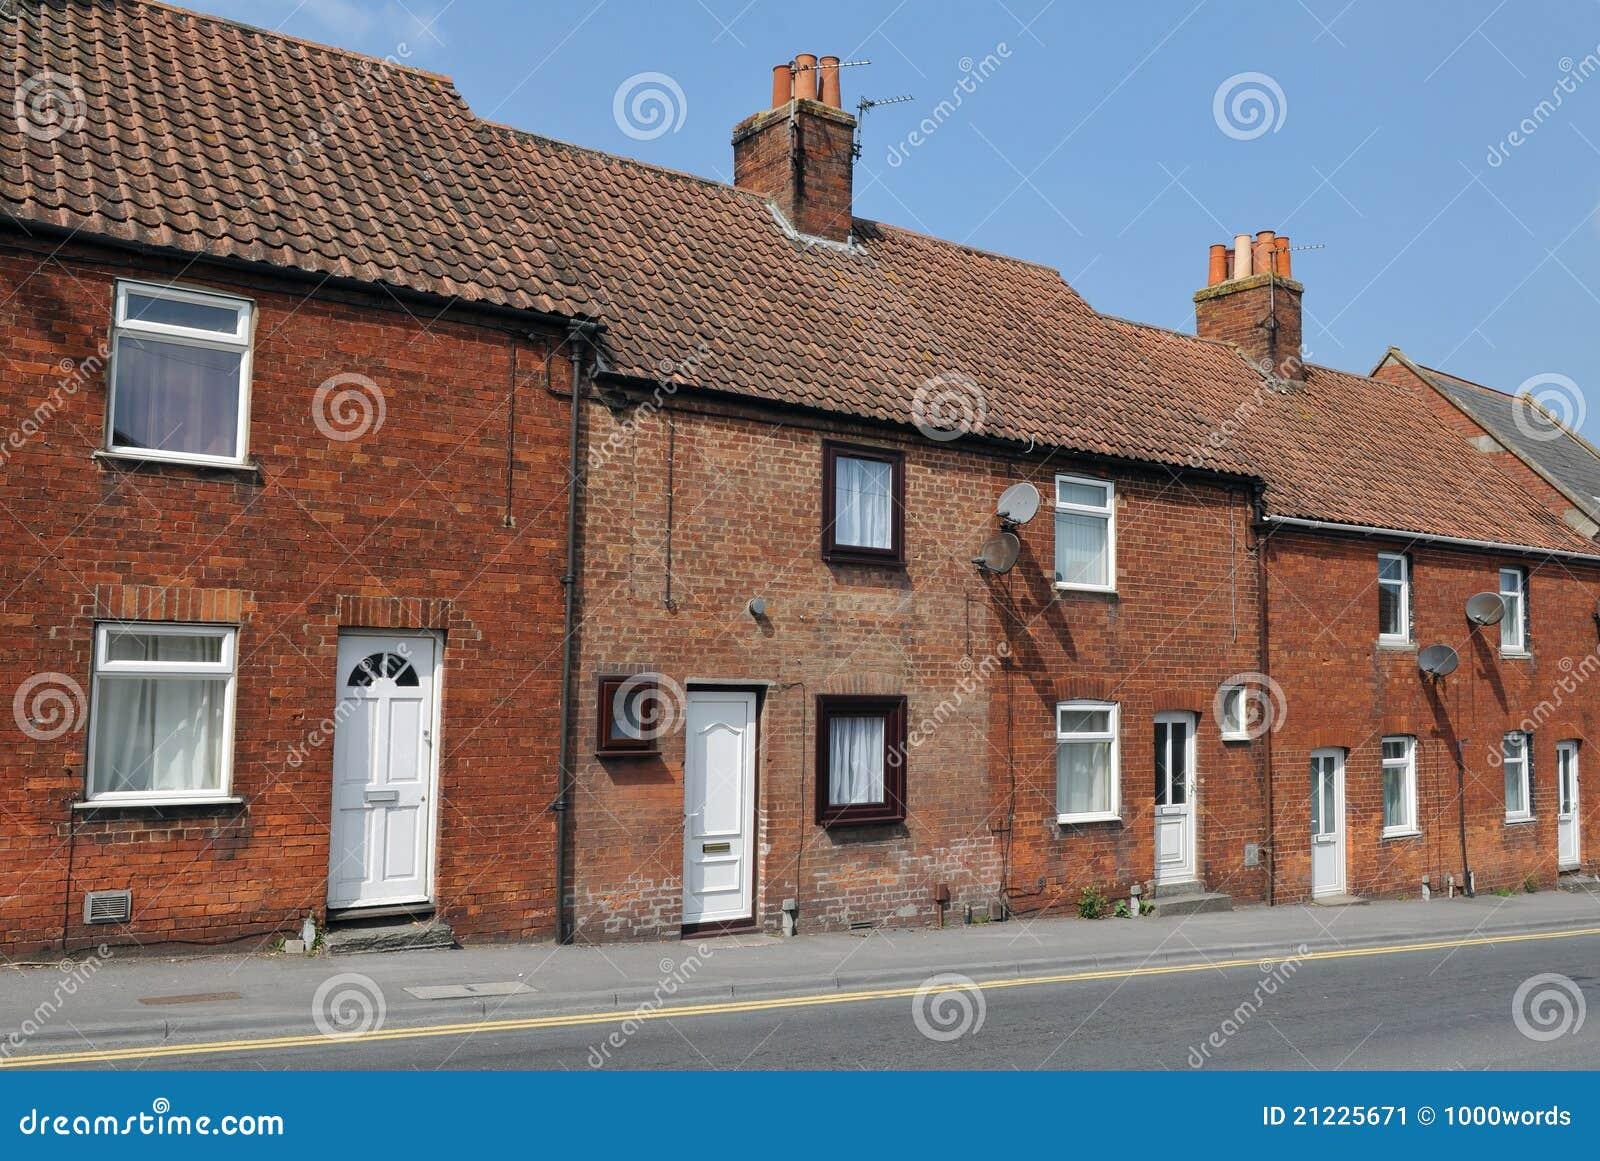 Casas colgantes del ladrillo rojo imagen de archivo - Casas de ladrillos ...